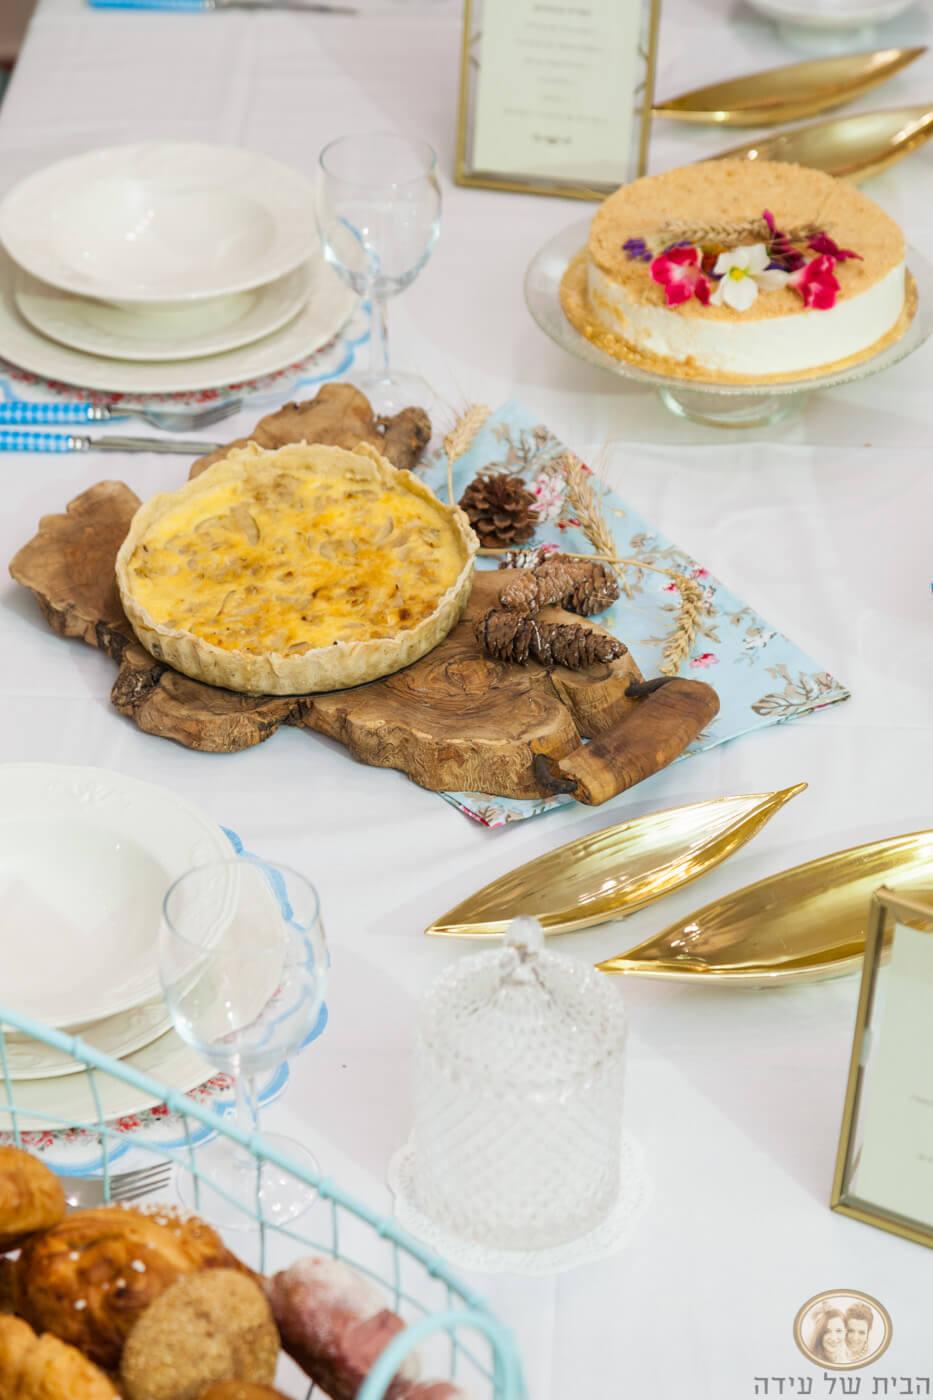 שולחן חג בגווני טורקיז וזהב